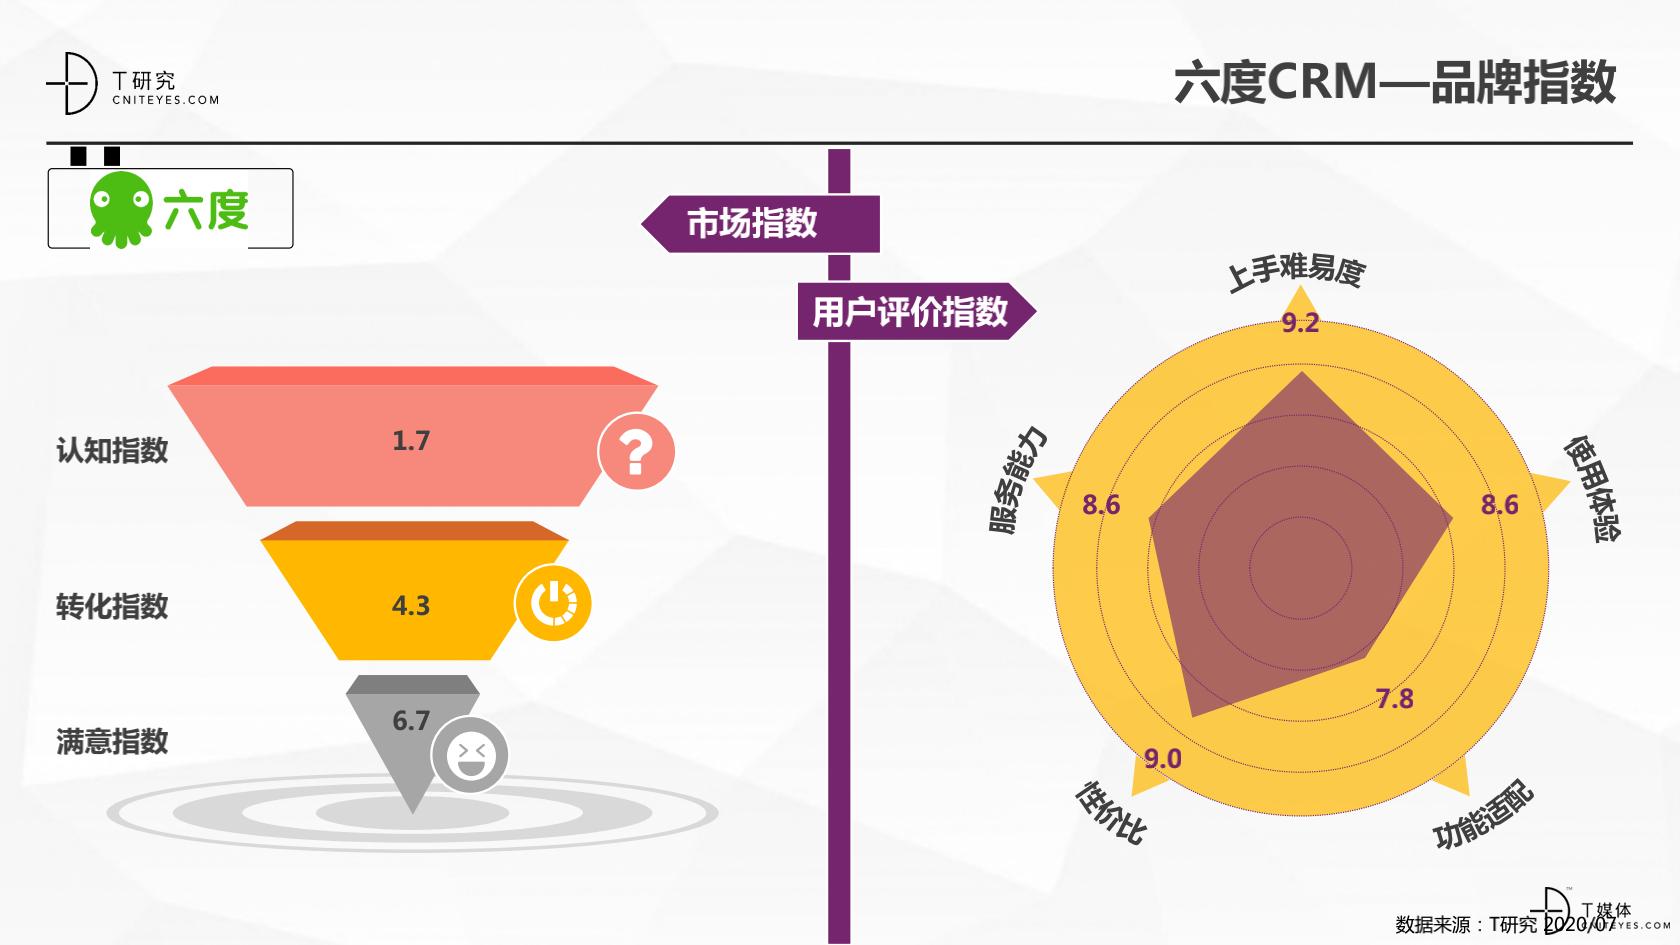 2_2020中国CRM指数测评报告v1.5_28.png